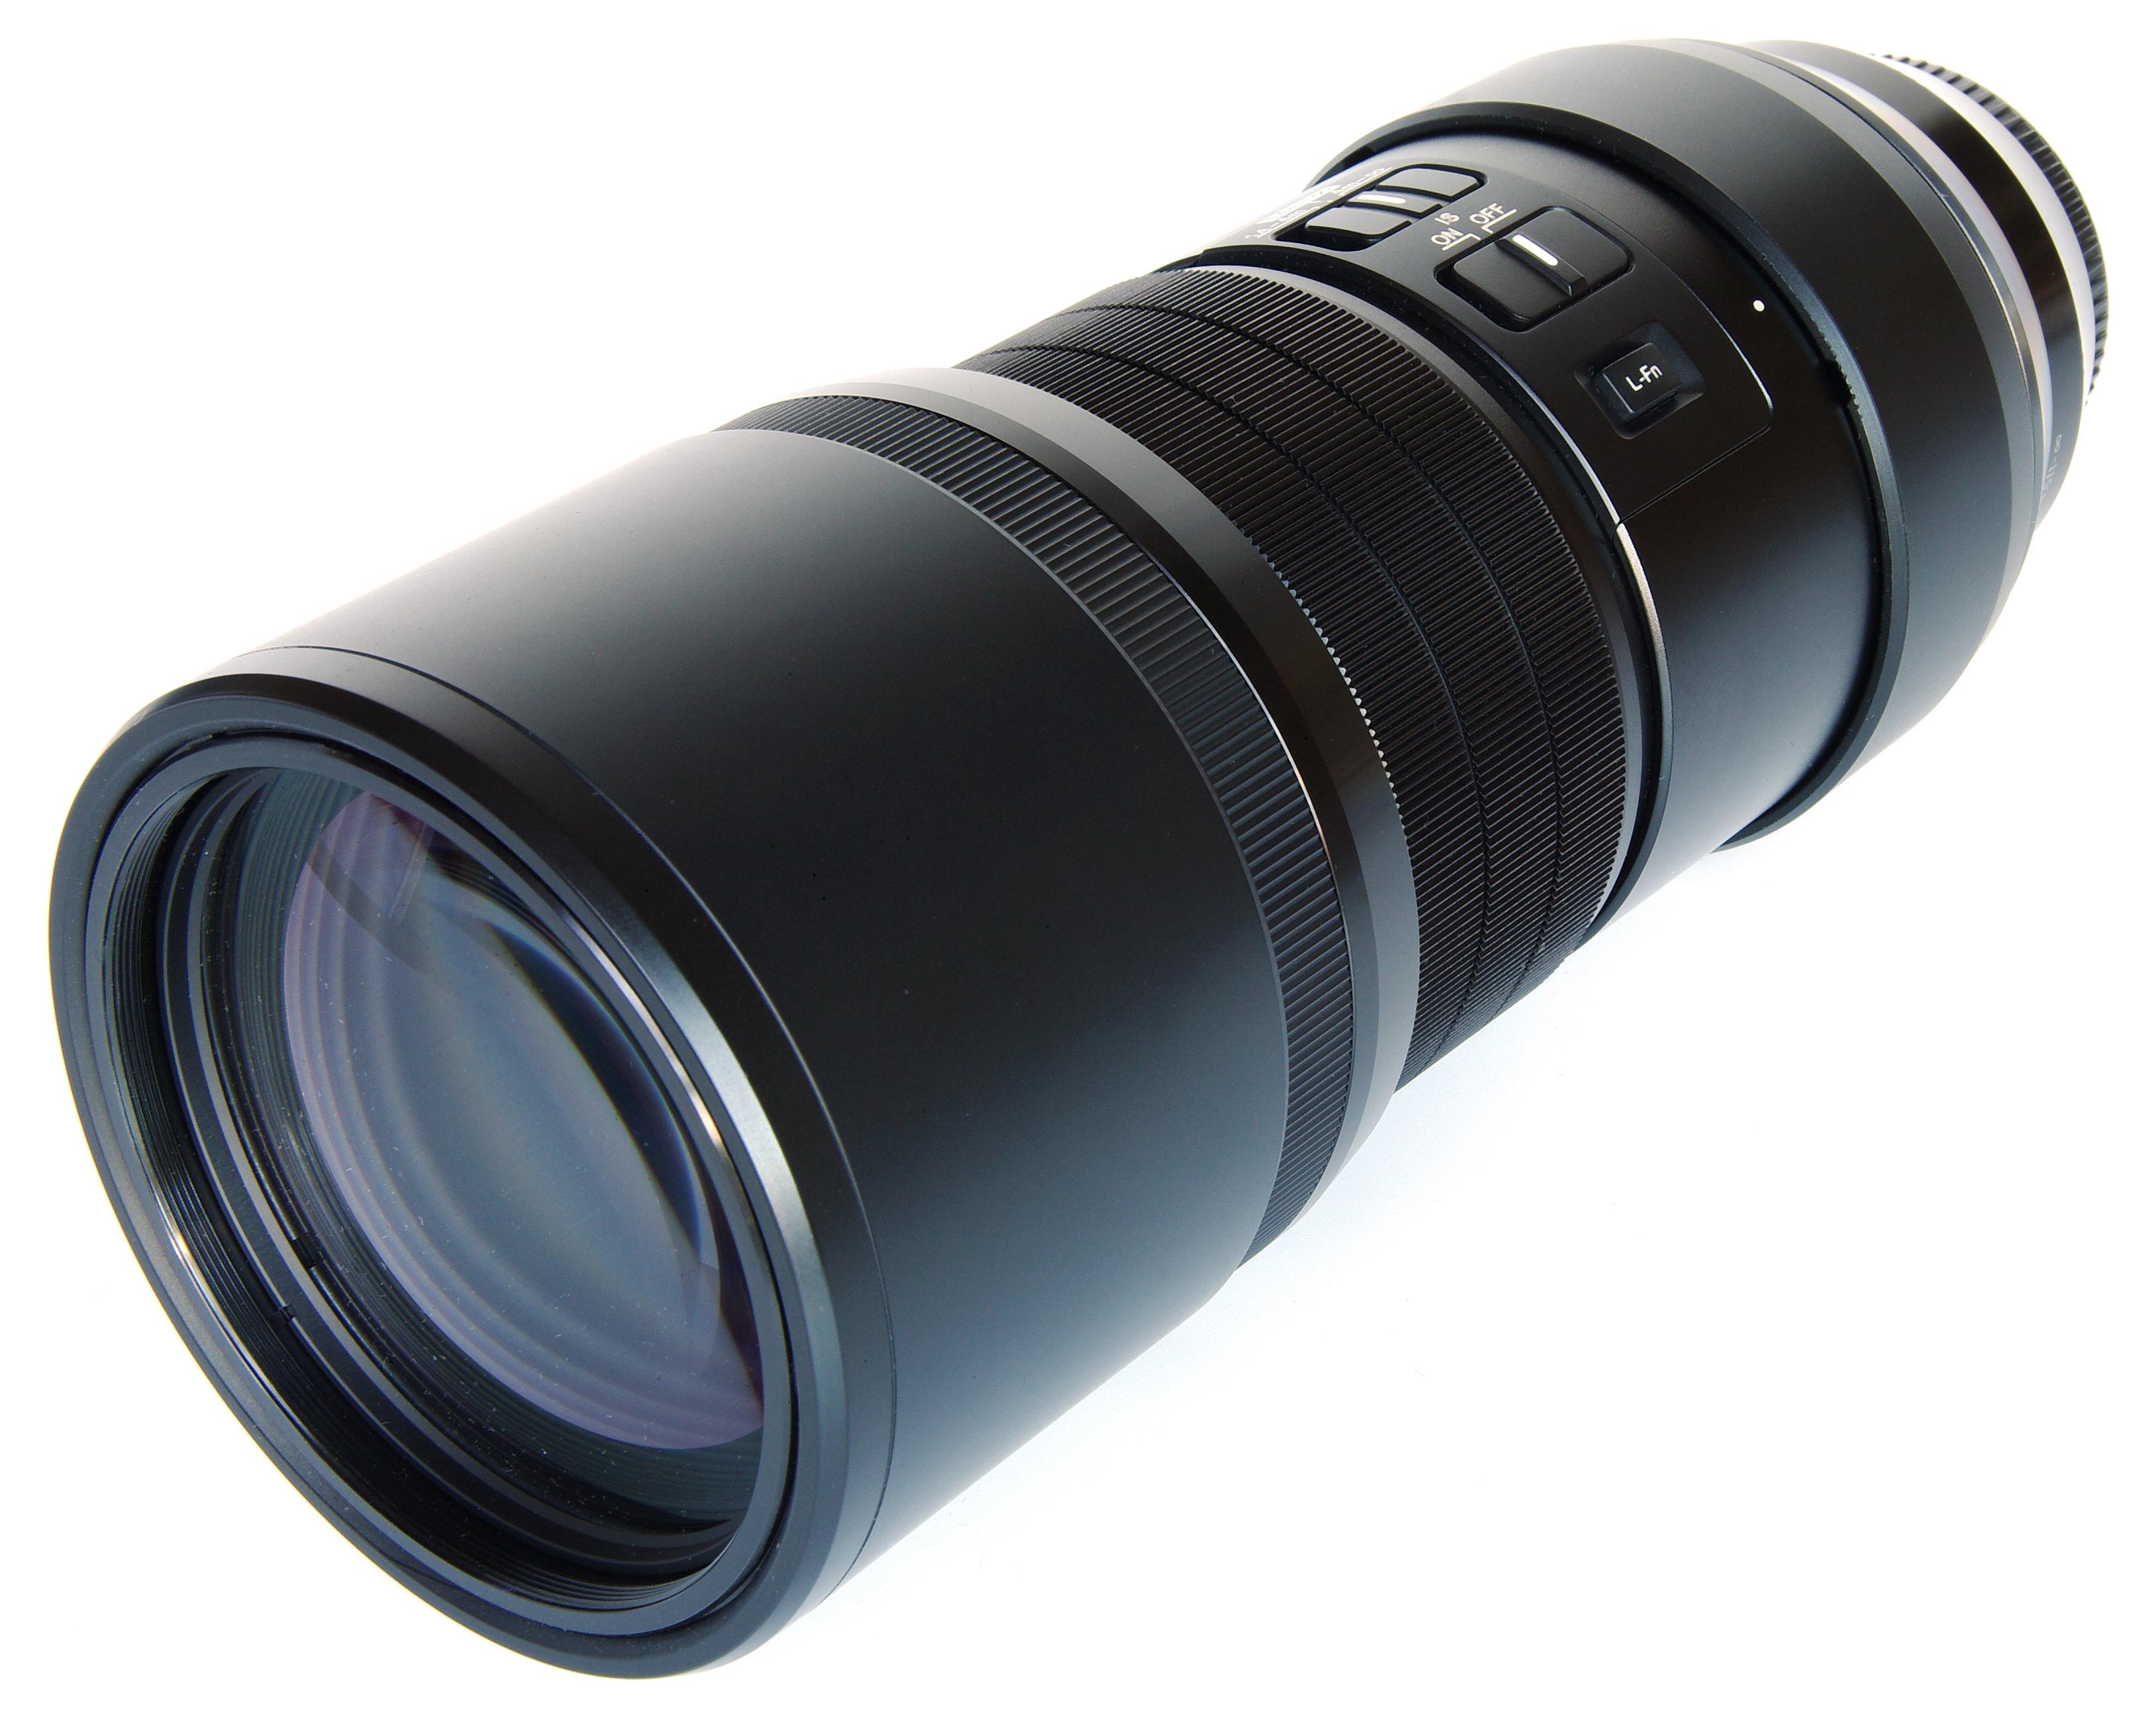 Olympus M.Zuiko Digital ED 300mm f/4 IS PRO Review ...